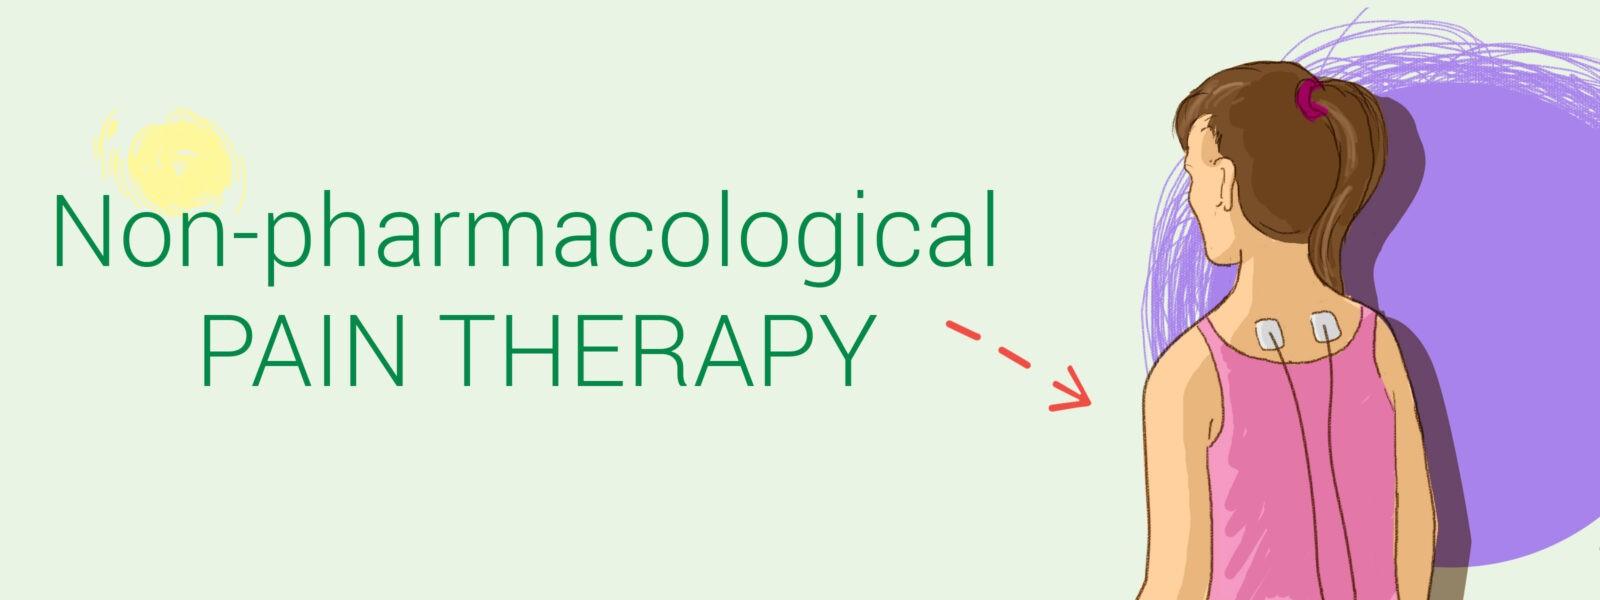 Non-pharmacological pain therapy Fizjoterapia Panaceum Kraków Paweł Czarnocki